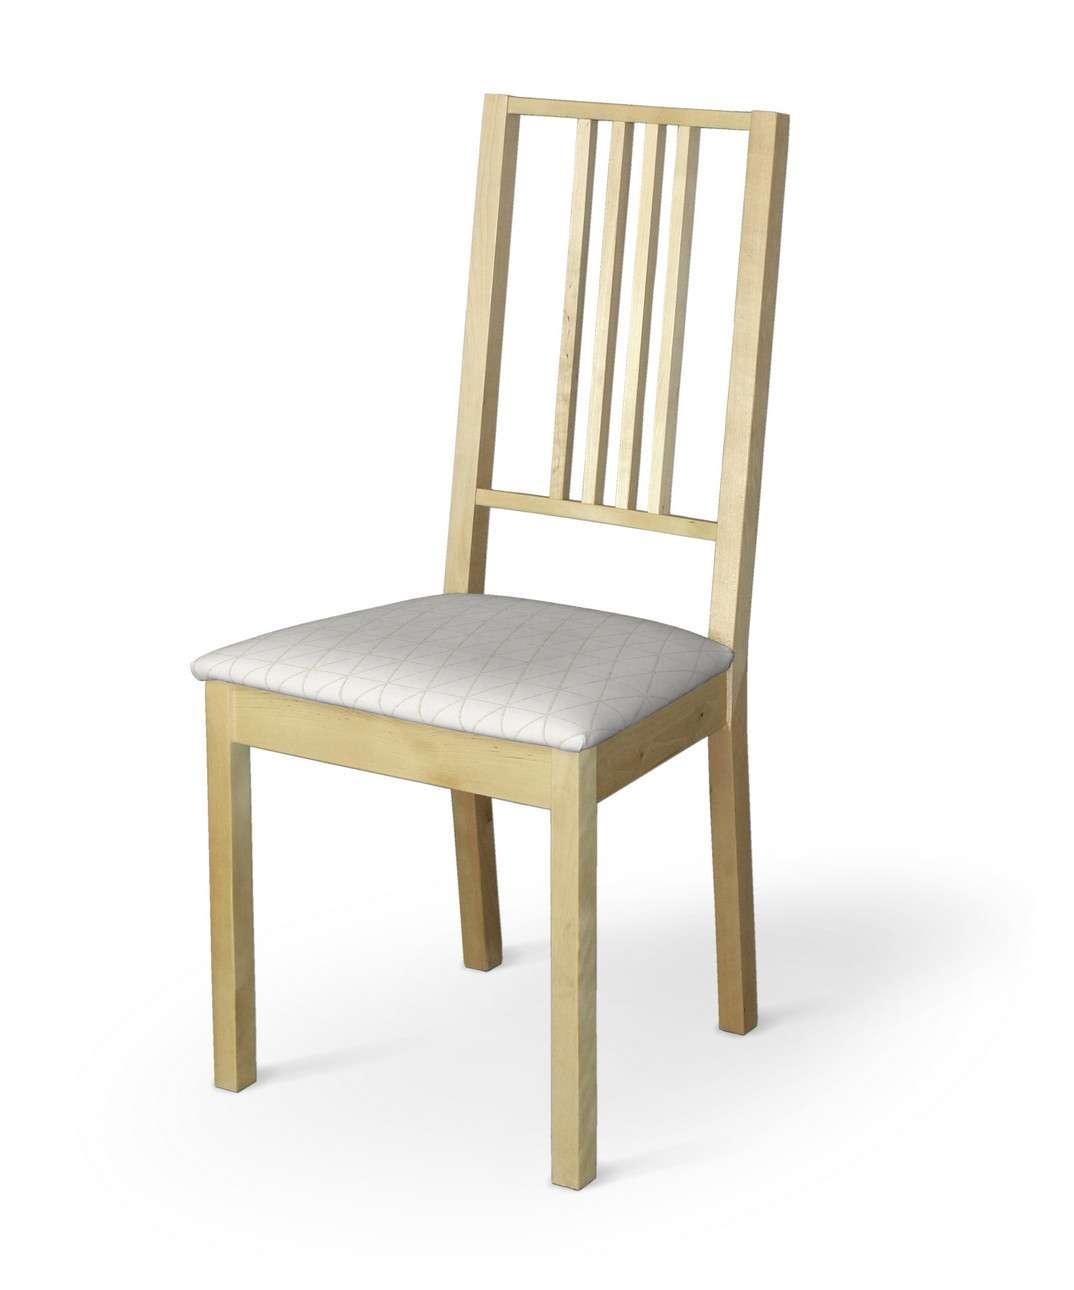 Pokrowiec na siedzisko Börje w kolekcji Sunny, tkanina: 143-94